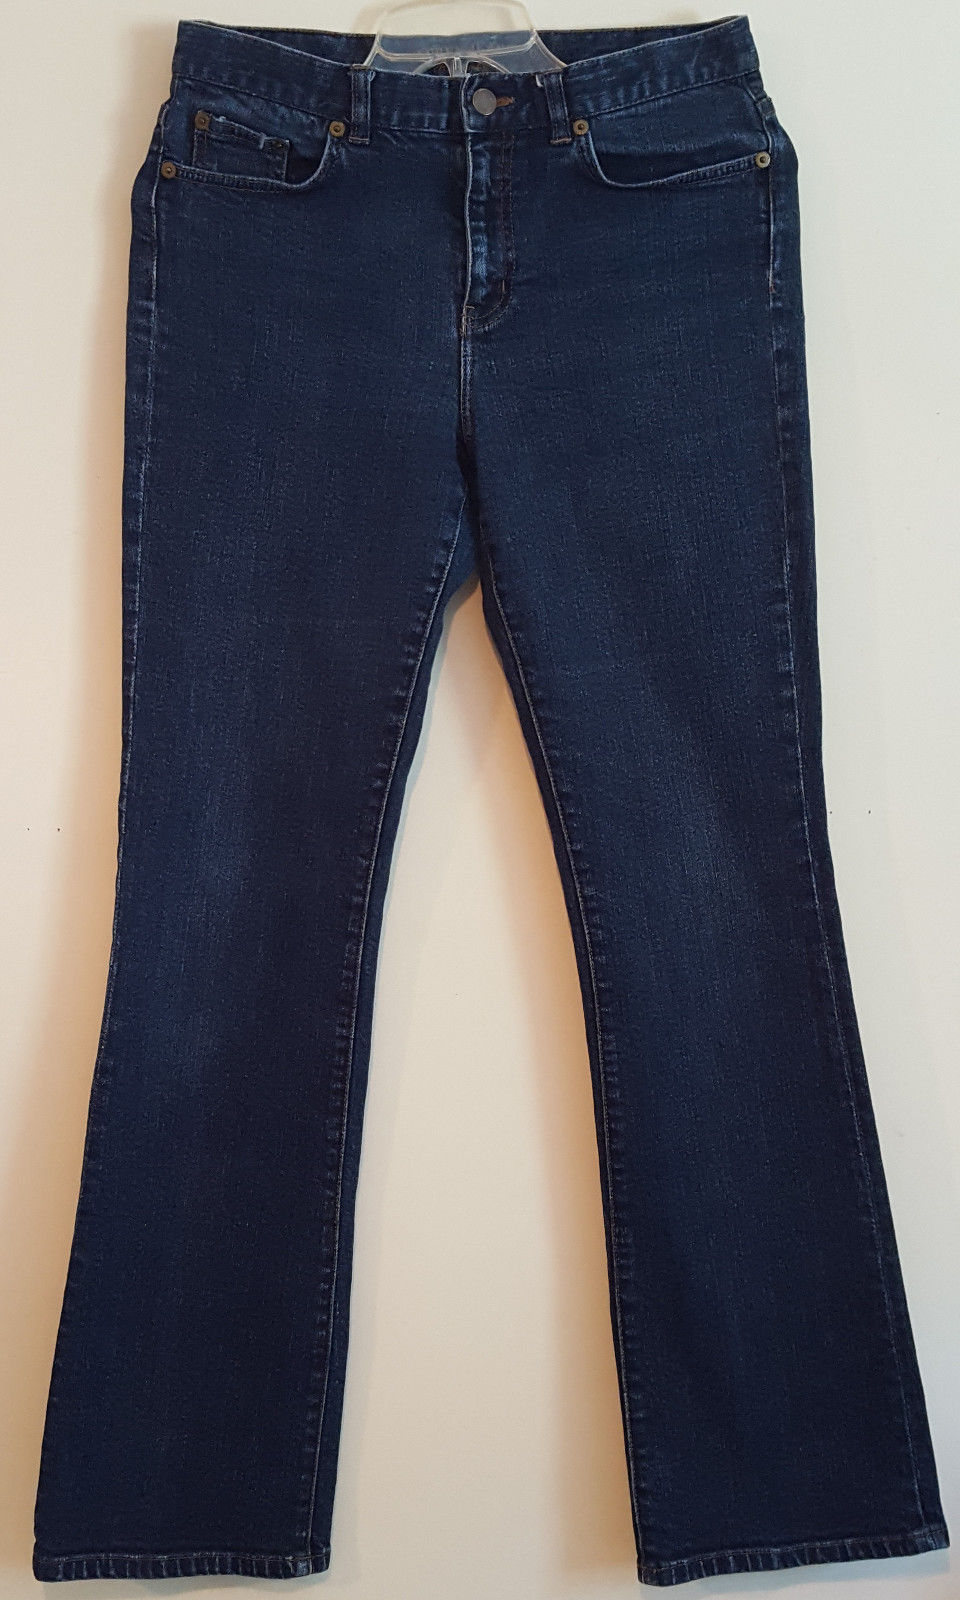 43b8522c4 S l1600. S l1600. LAUREN JEANS CO RALPH LAUREN – Women s Denim Jeans – Size   4. LAUREN JEANS CO RALPH LAUREN ...